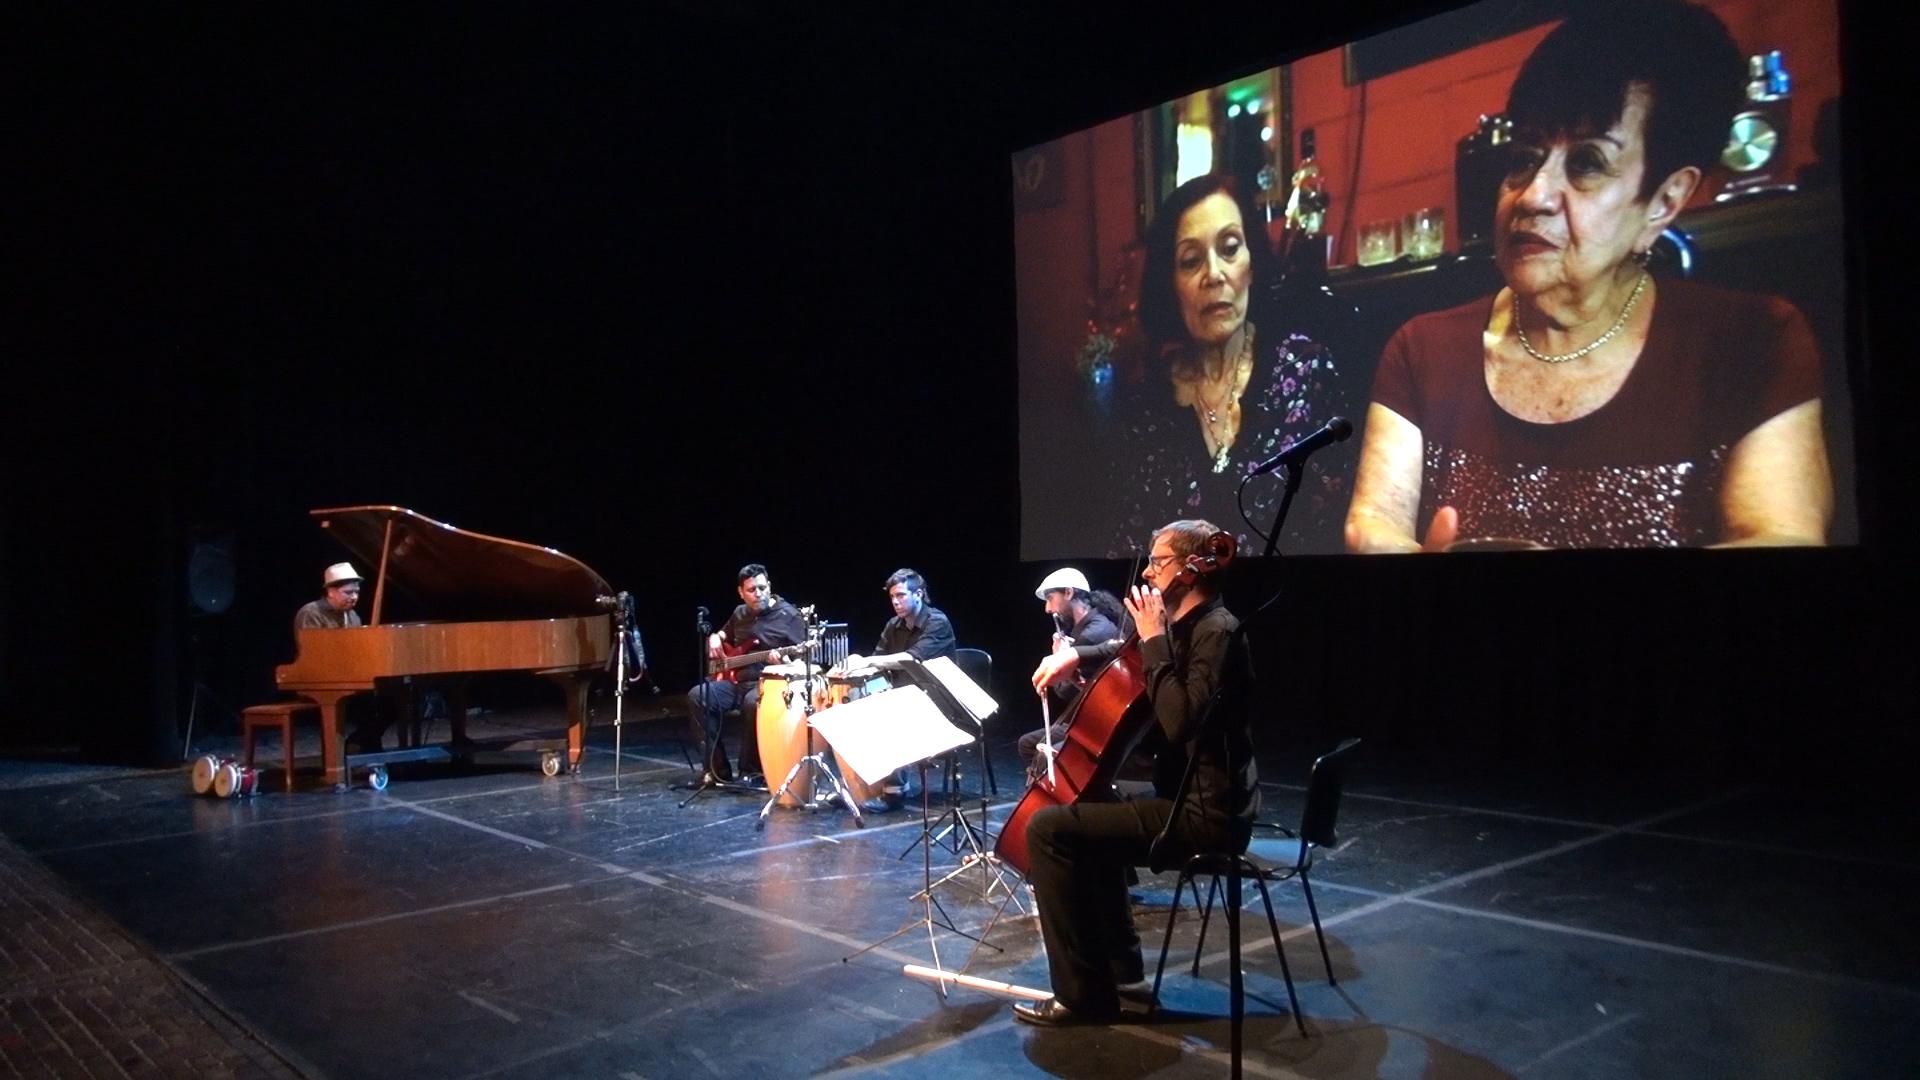 Alvaro and Boris Castellanos performing THE RESCUE - A Live Film-Concerto in Argentina